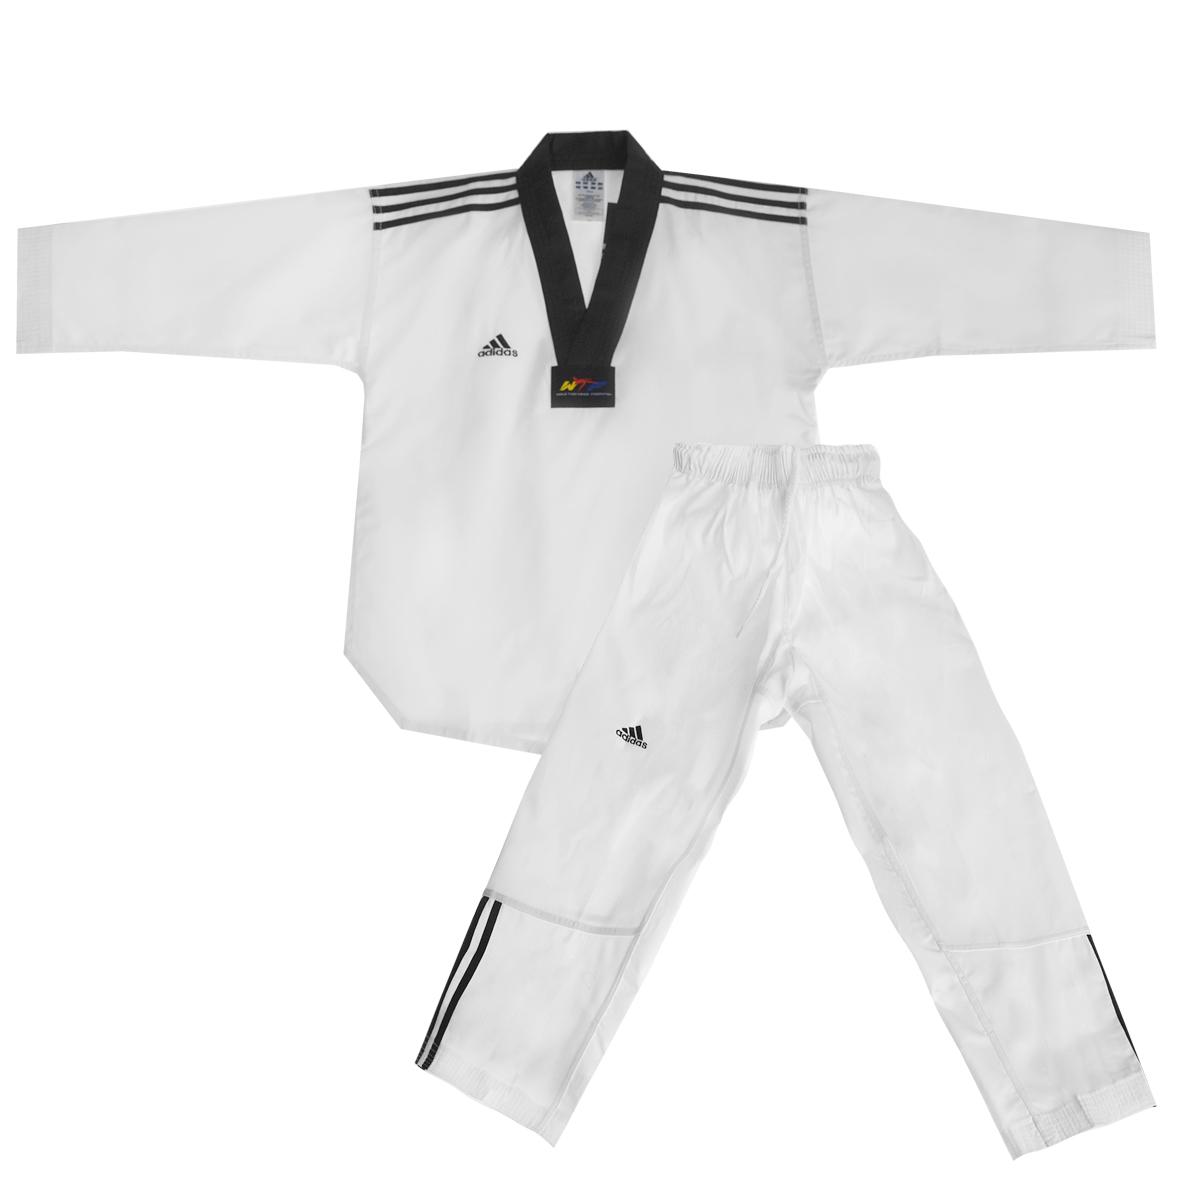 Кимоно для тхэквондо adidas WTF Adi-Club 3, цвет: белый, черный. adiTCB02-WH/BK. Размер 150adiTCB02-WH/BKКимоно для тхэквондо adidas WTF Adi-Club 3 состоит из рубашки и брюк. Просторная рубашка без пояса с V-образным вырезом горловин, боковыми разрезами и длинными рукавами изготовлена из плотного полиэстера с добавлением хлопка. Боковые швы, края рукавов и полочка укреплены дополнительными строчками. В области талии по спинке рубашка дополнена эластичной резинкой для регулирования ширины.Просторные брюки особого покроя имеют широкий эластичный пояс, регулируемый скрытым шнурком. Низ брючин с внутренней стороны укреплен дополнительными строчками.Кимоно рекомендуется для тренировок в зале.